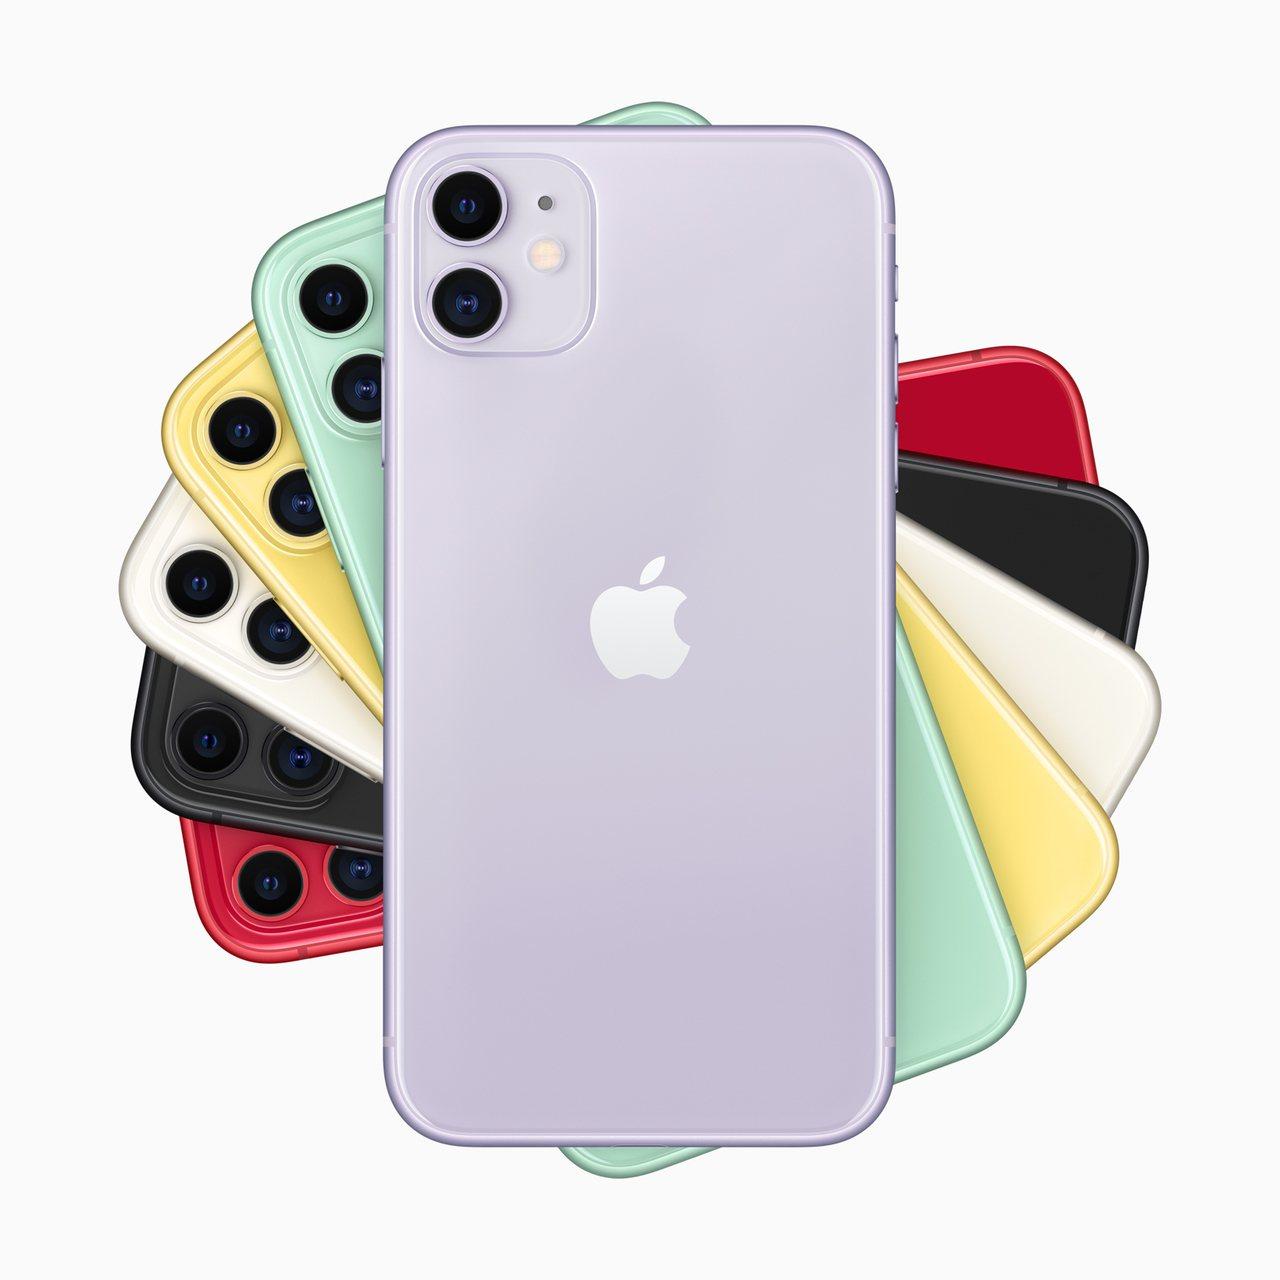 11月11日14:00起,台灣之星網路門市推出限時限量整點特賣,iPhone 1...